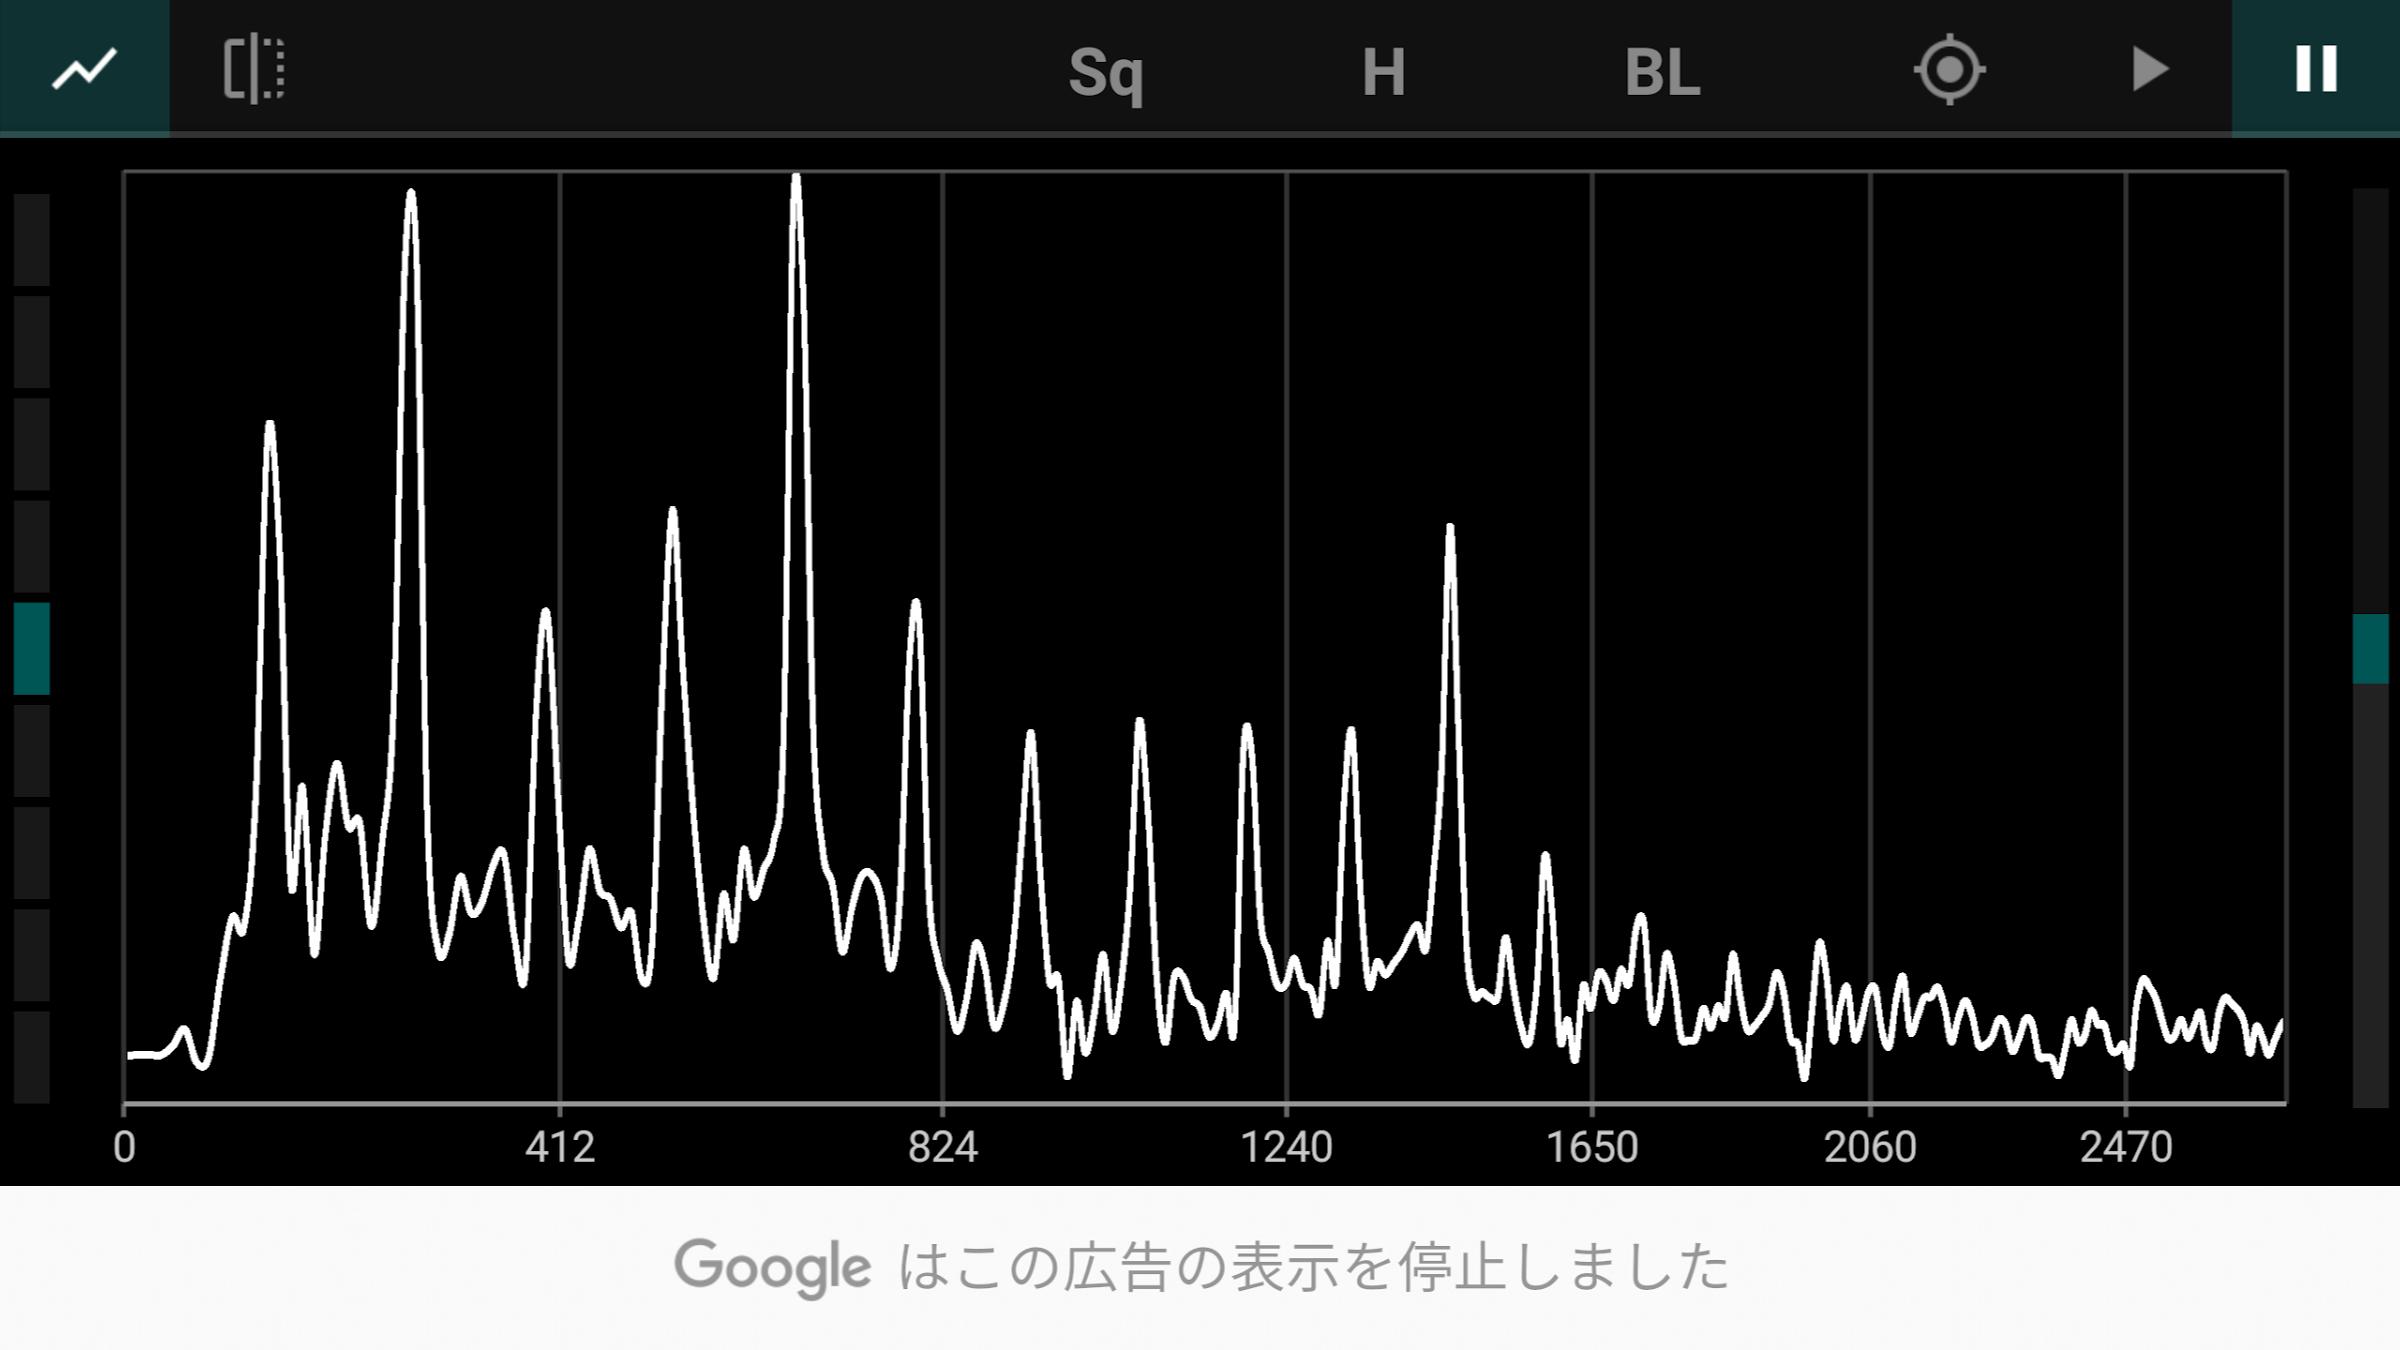 声の倍音を計測した画像